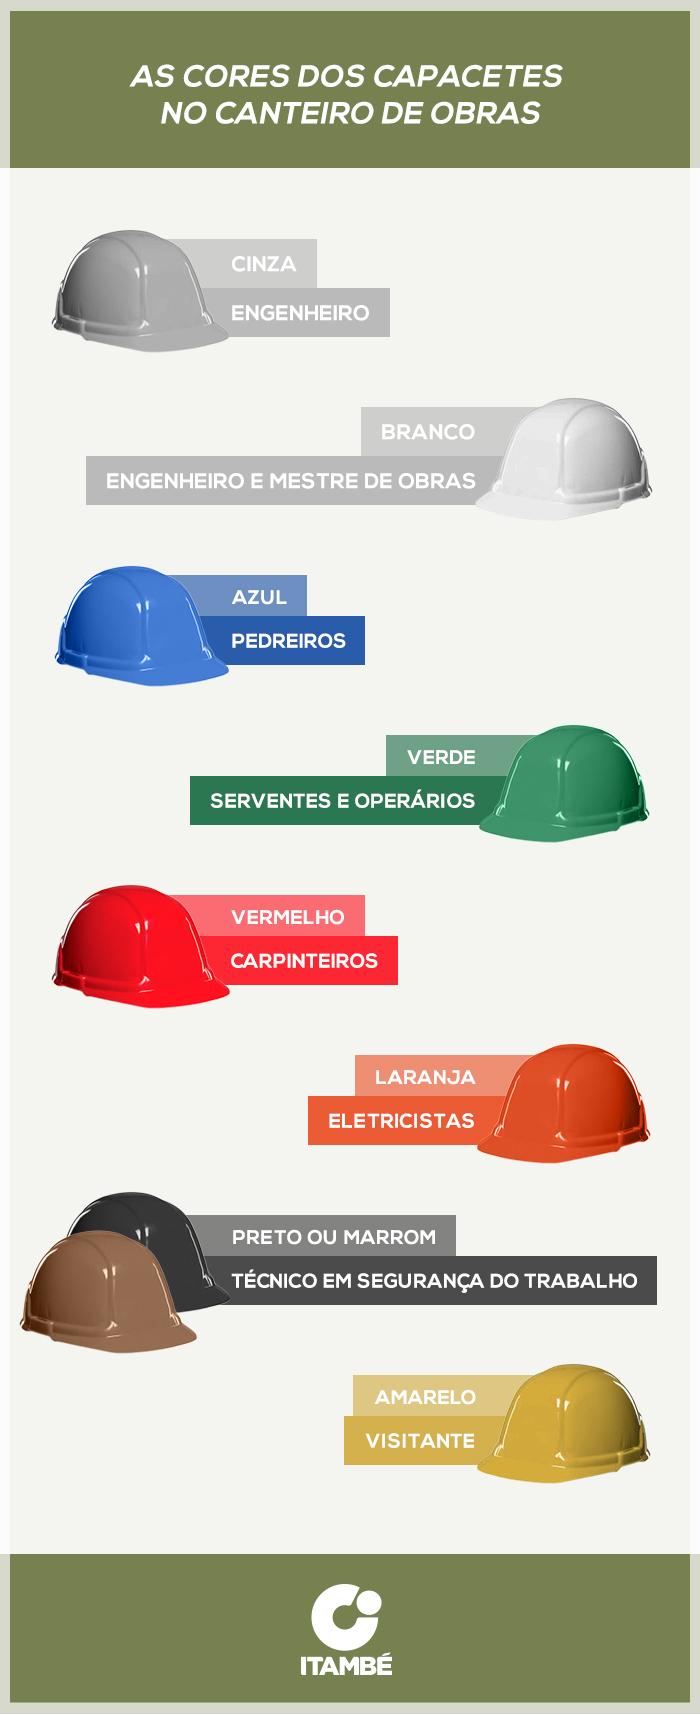 Segurança no canteiro de obras começa pelo capacete   Cimento Itambé 930db6d3de